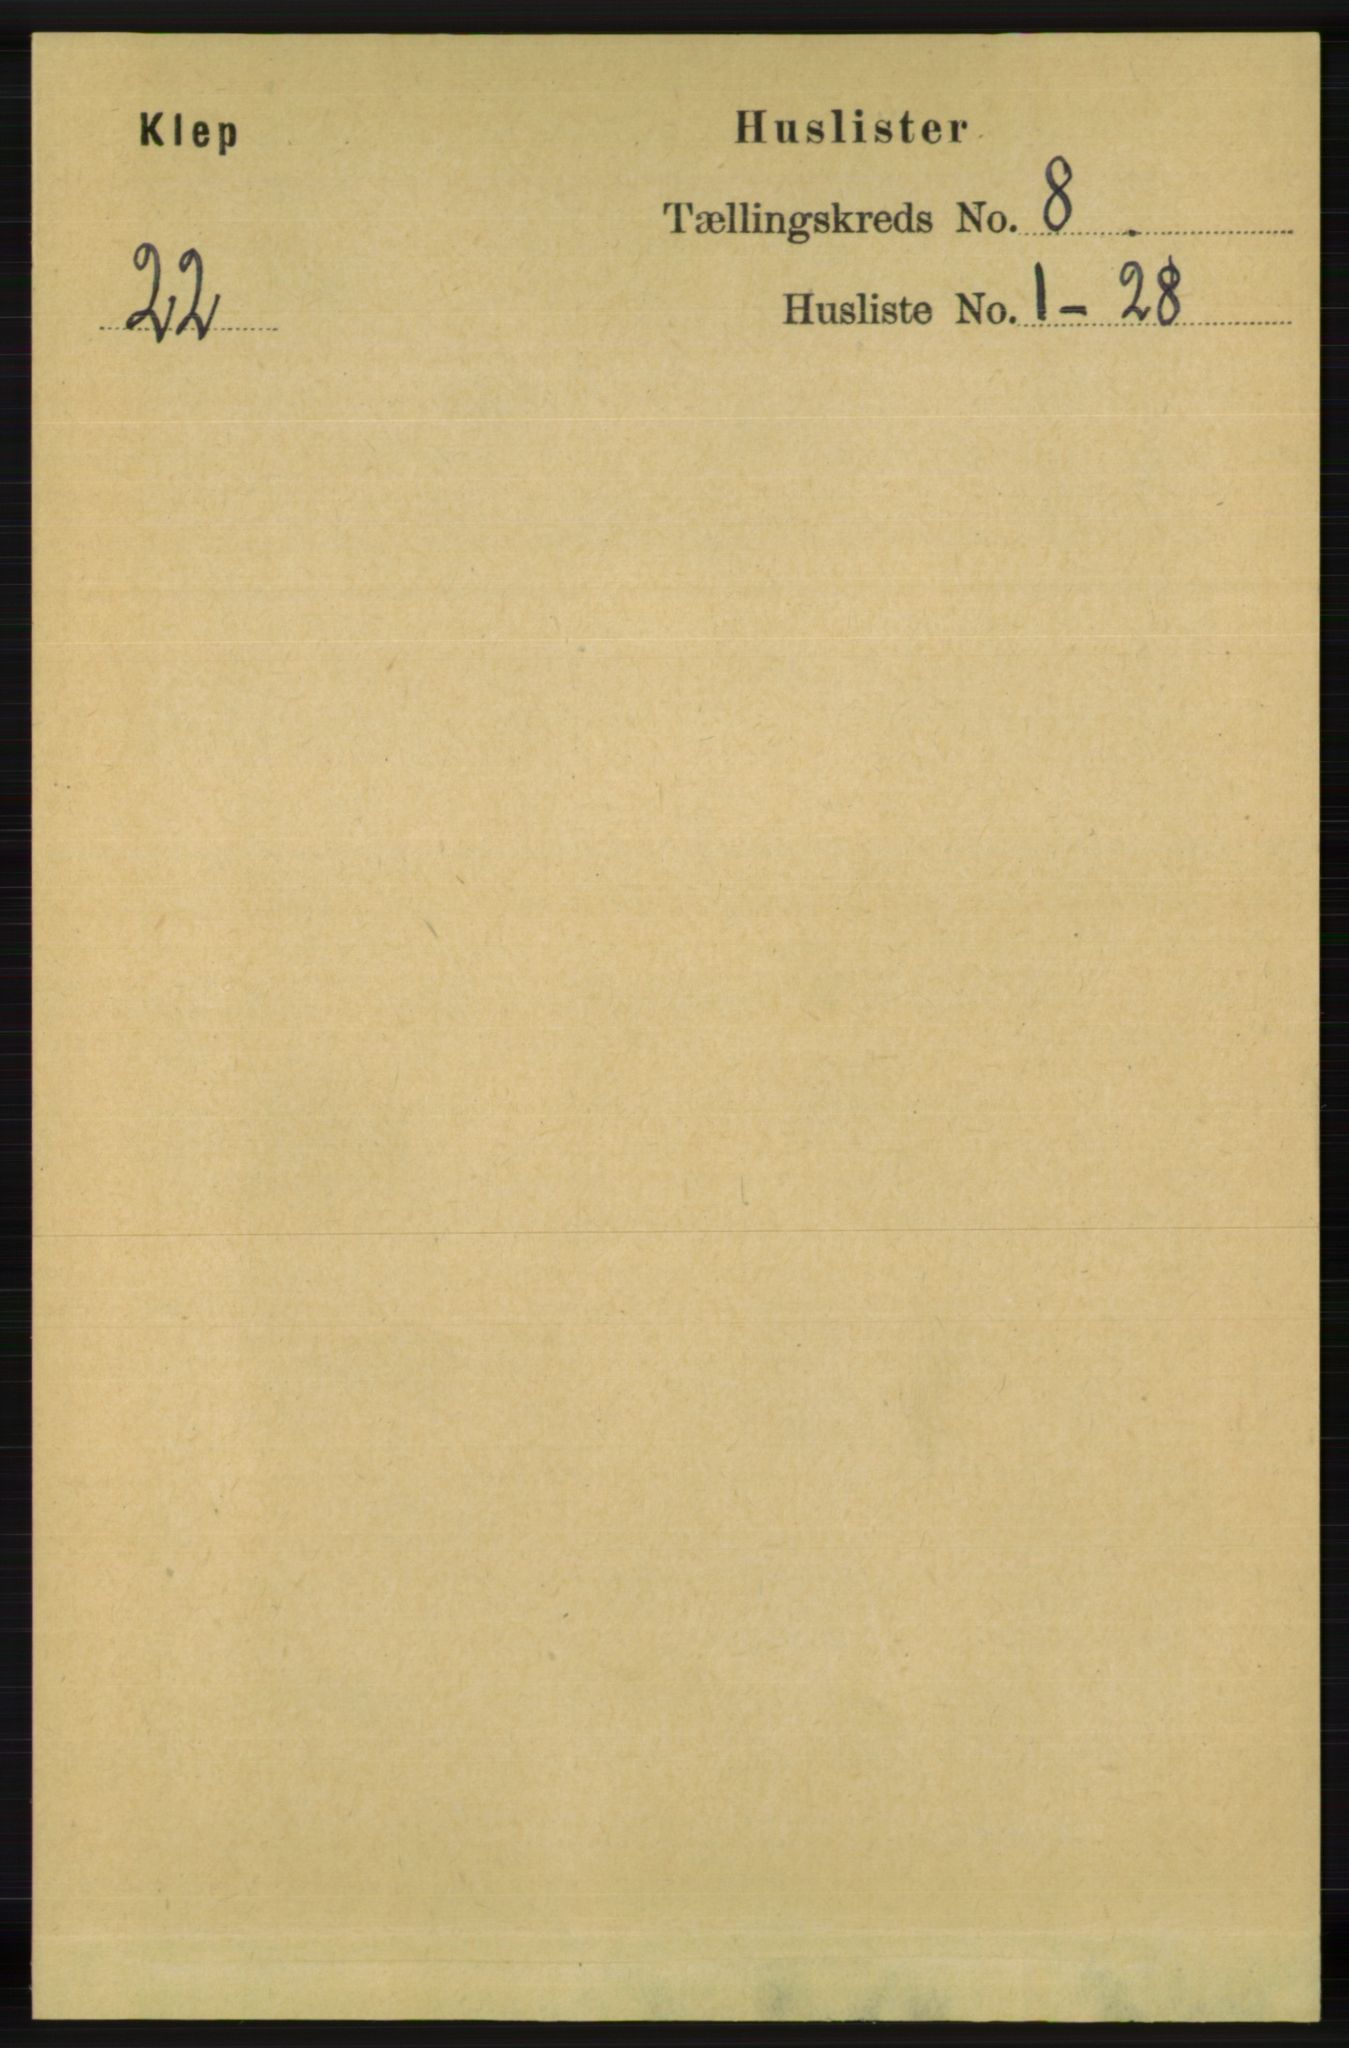 RA, Folketelling 1891 for 1120 Klepp herred, 1891, s. 2474